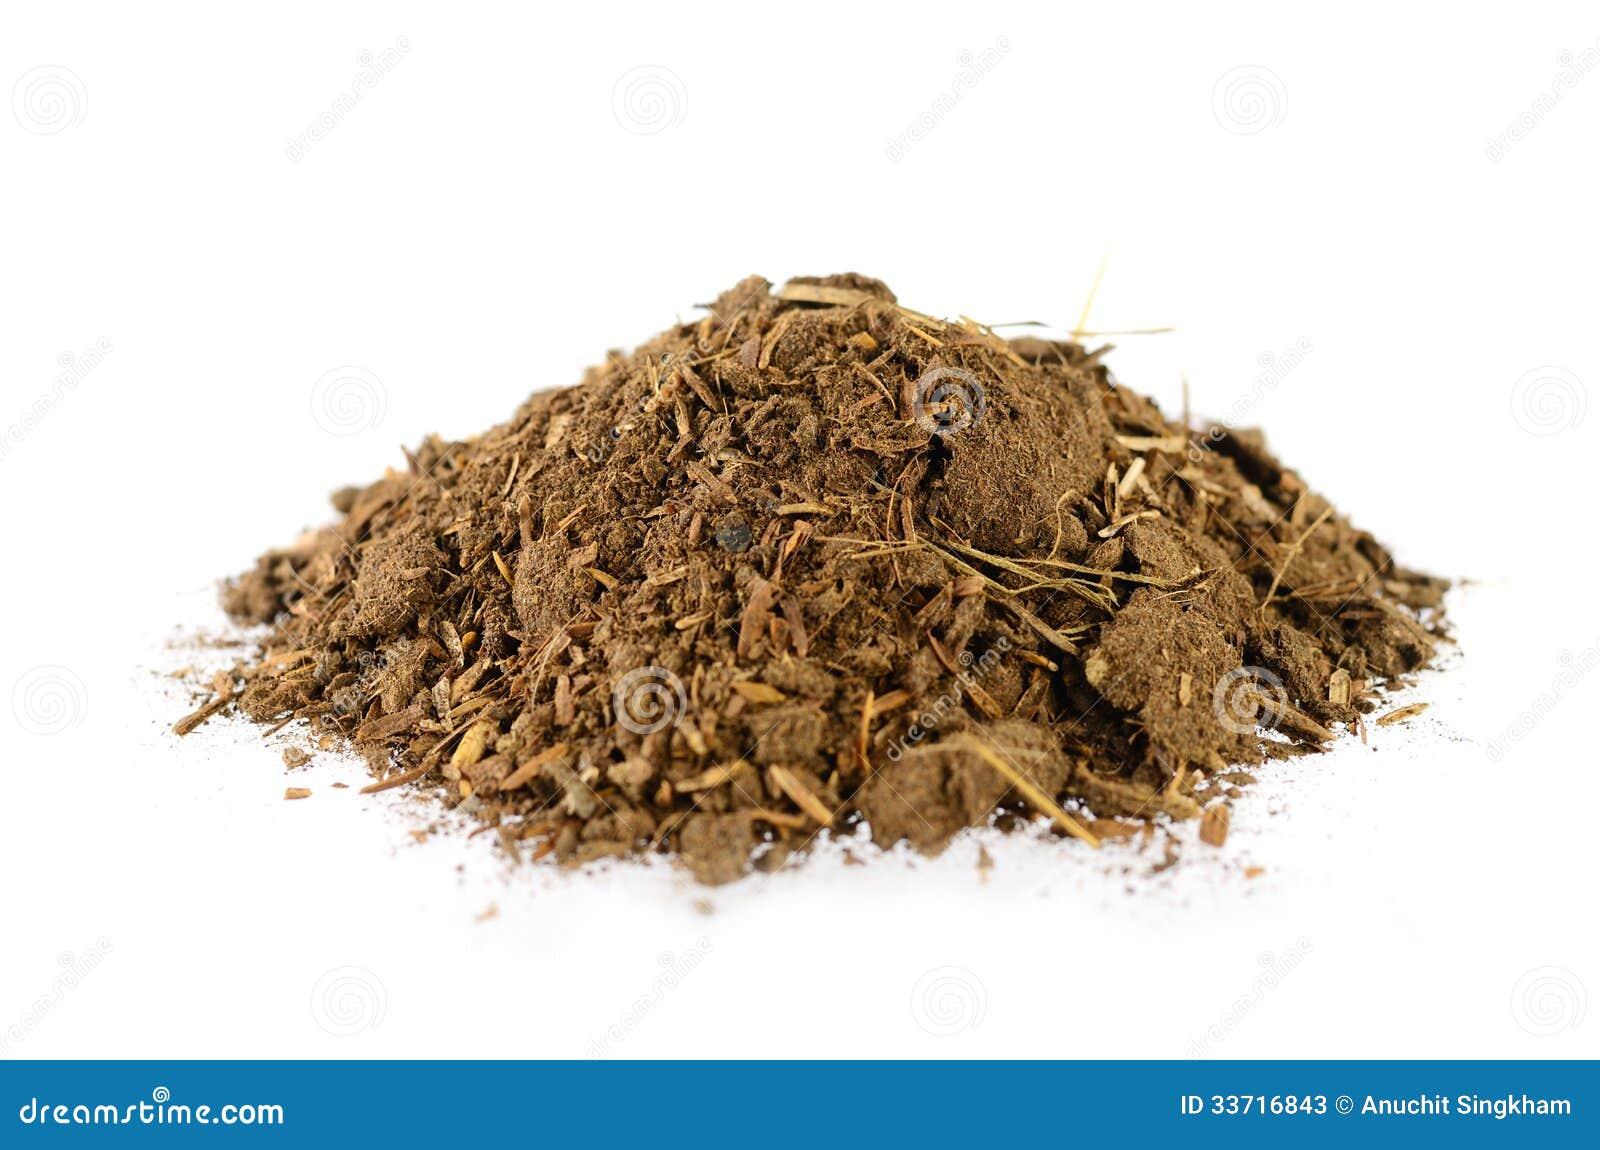 Soil organic compost fertilizer for plantation stock for Organic compost soil